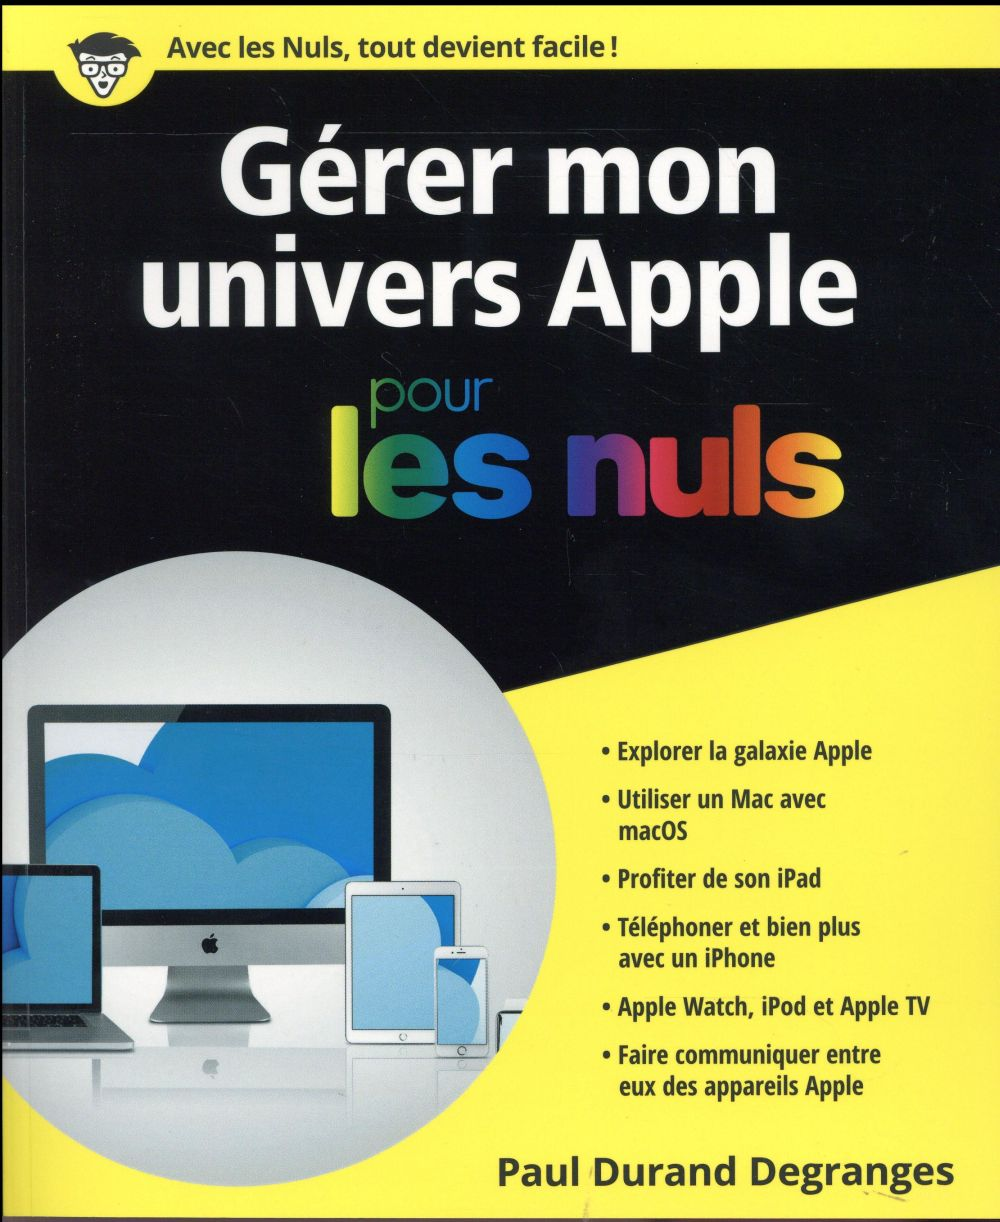 Durand Degranges Paul - GERER MON UNIVERS APPLE POUR LES NULS